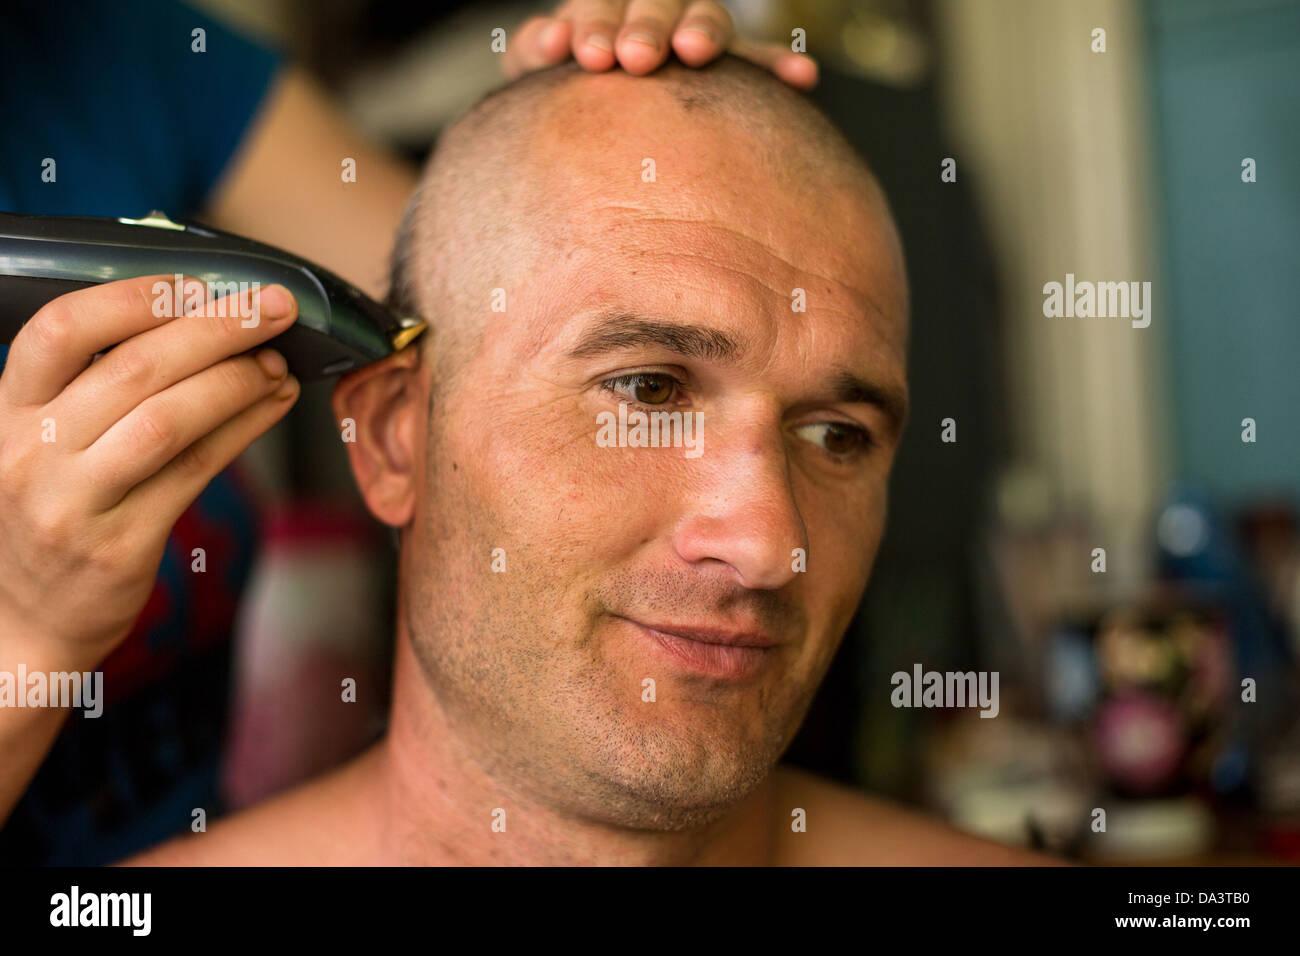 Friseur Macht Frisur Glatze Mann Stockfoto Bild 57862644 Alamy